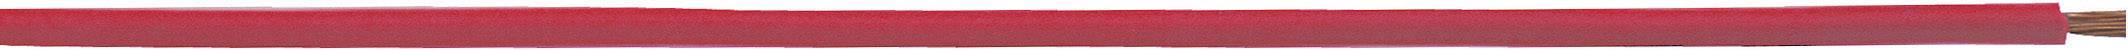 Opletenie / lanko LappKabel 4510162S H05V-K, 1 x 0.75 mm², vonkajší Ø 2.70 mm, 250 m, ultramarínová modrá